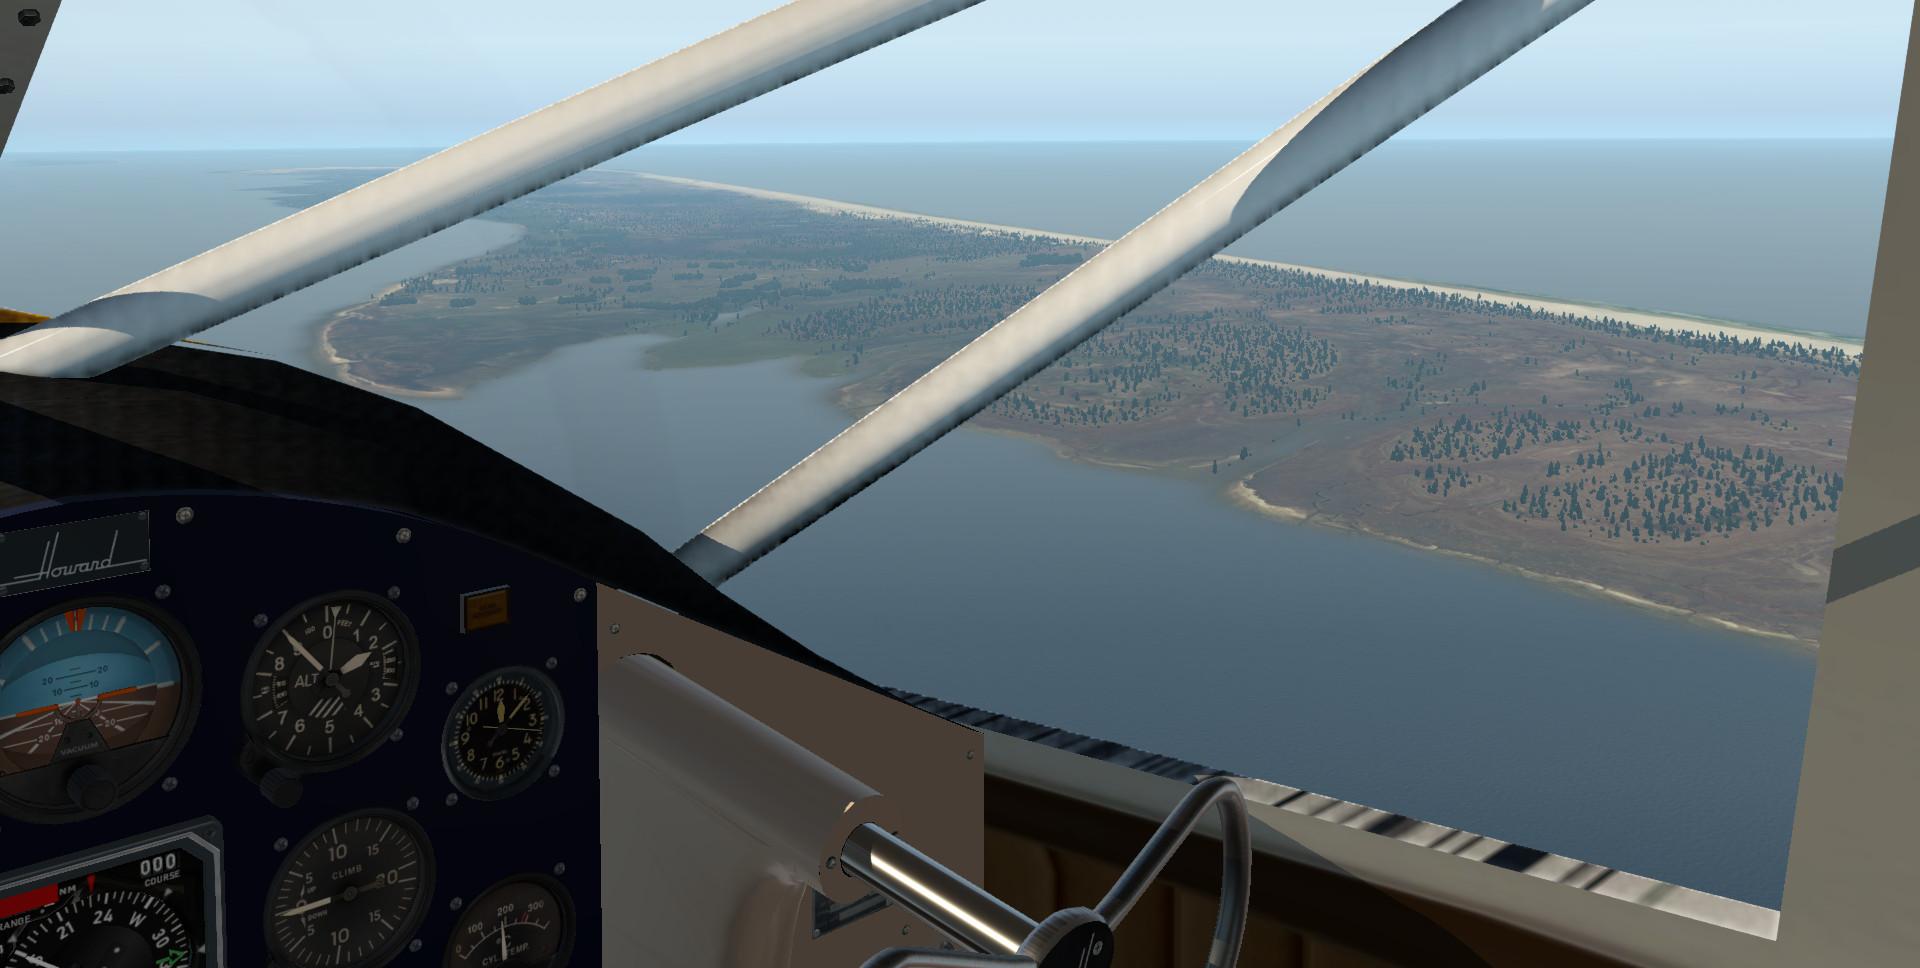 nordseerundflug-033b0jko.jpg